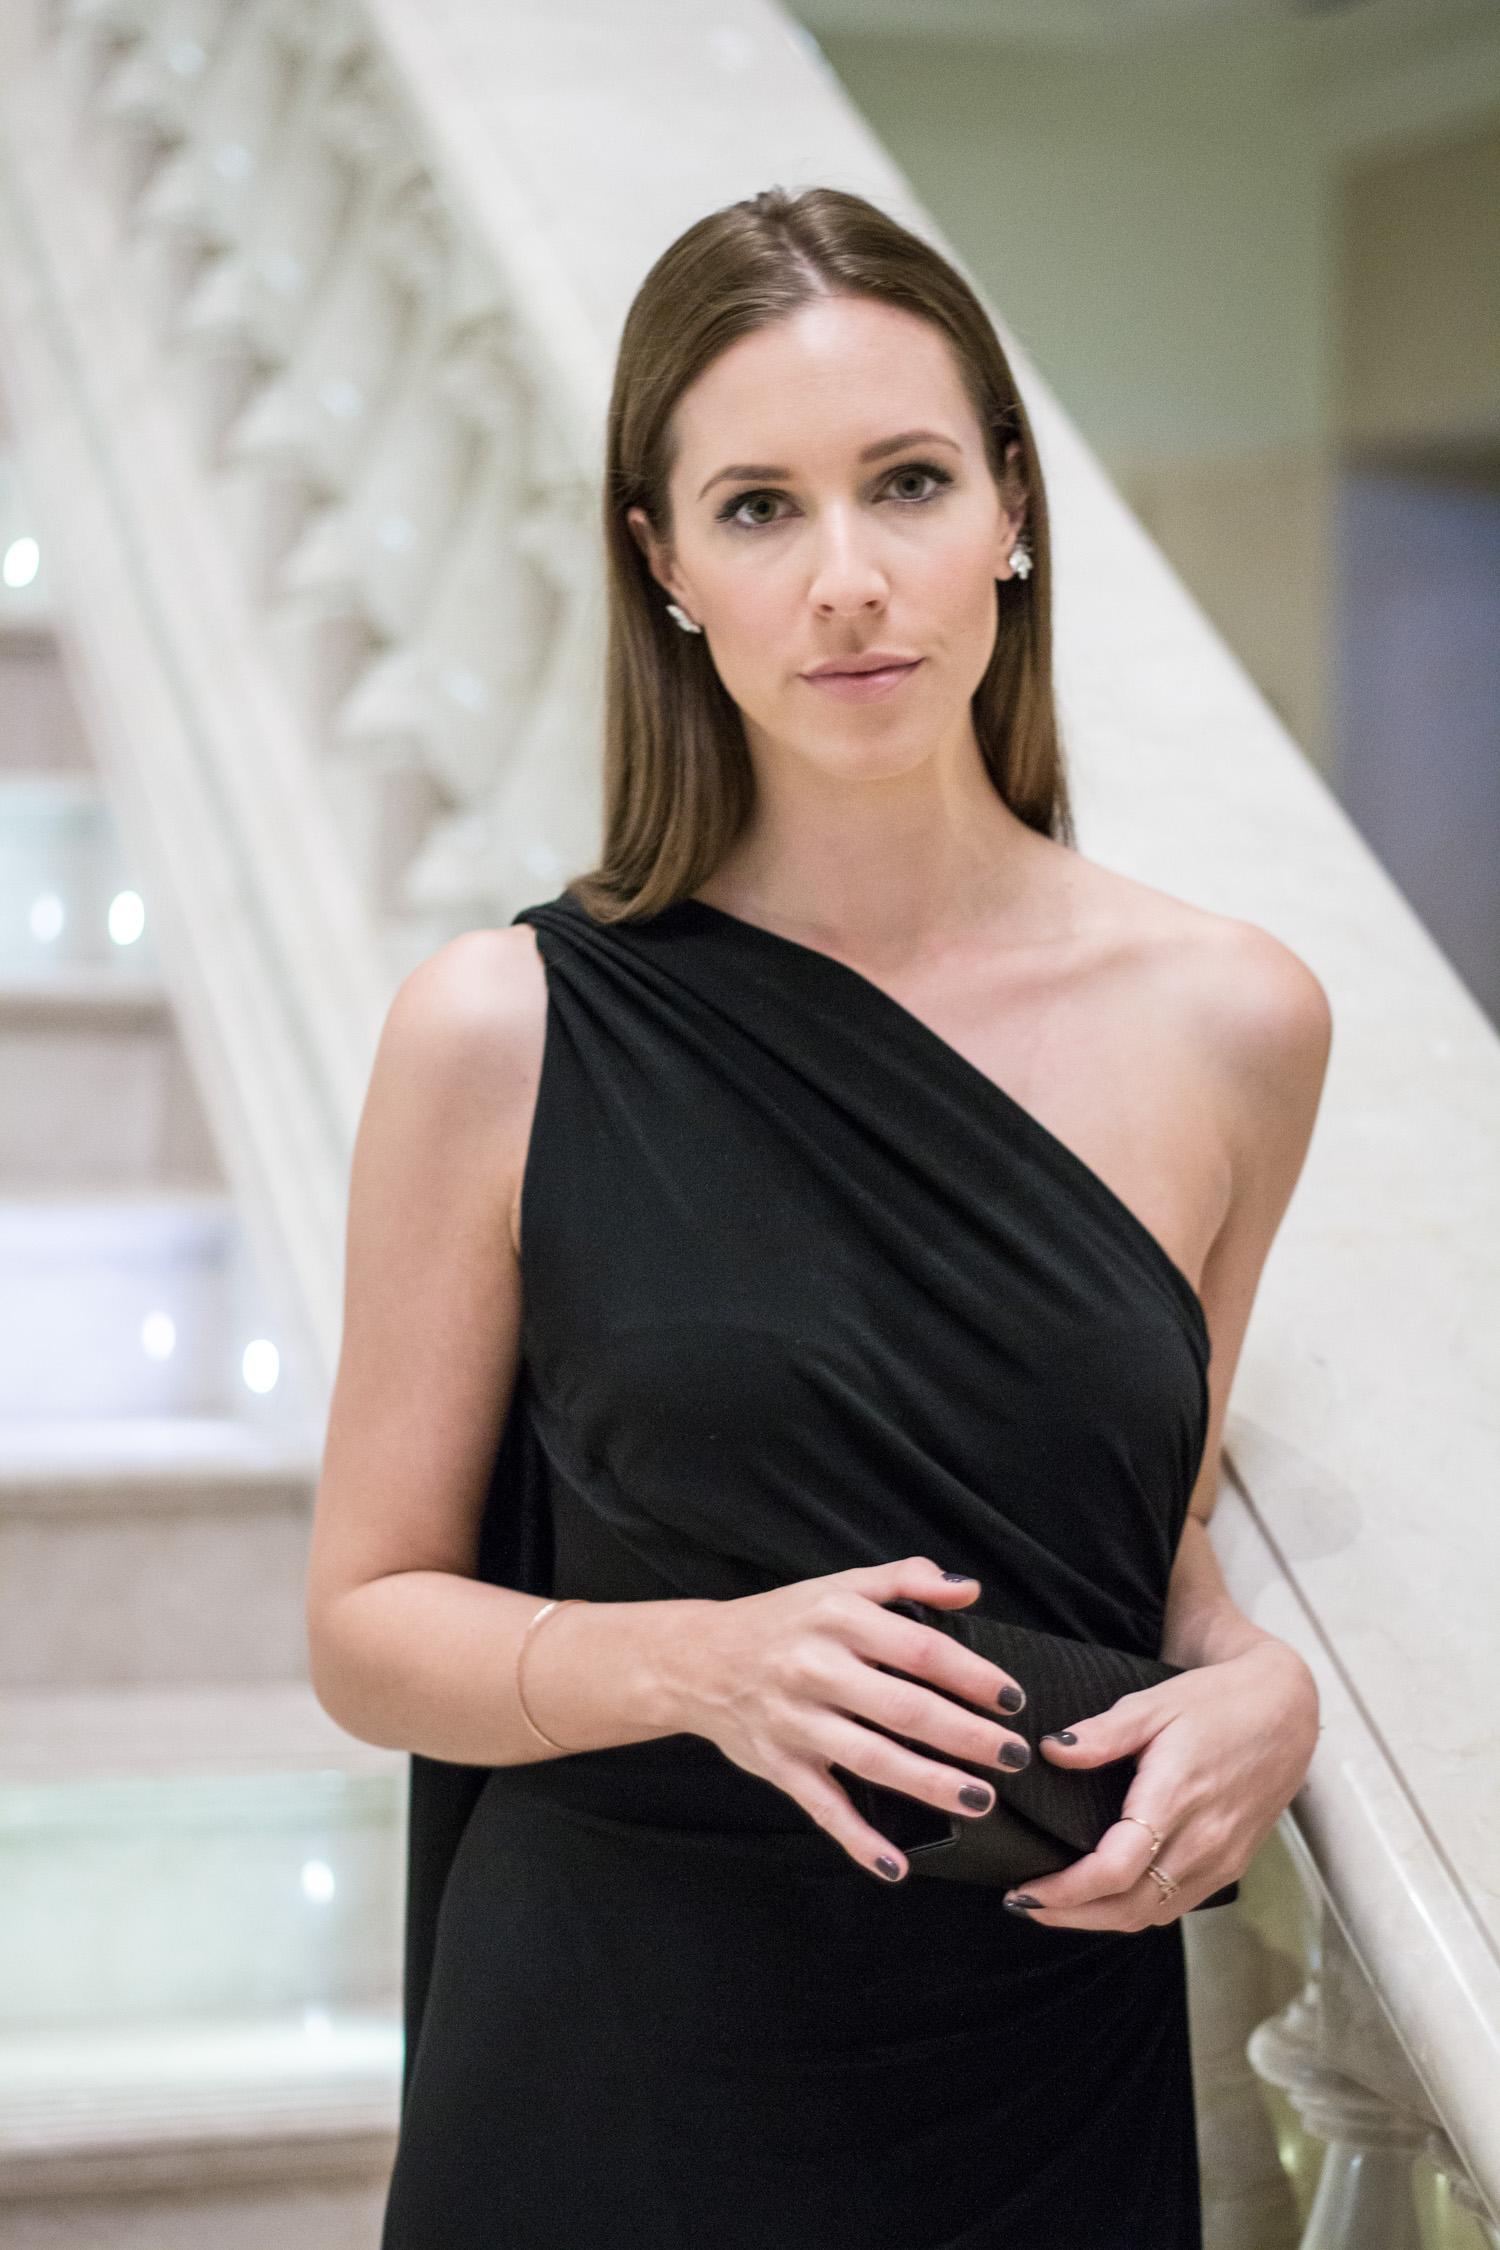 Ralph-Lauren-Dress-5